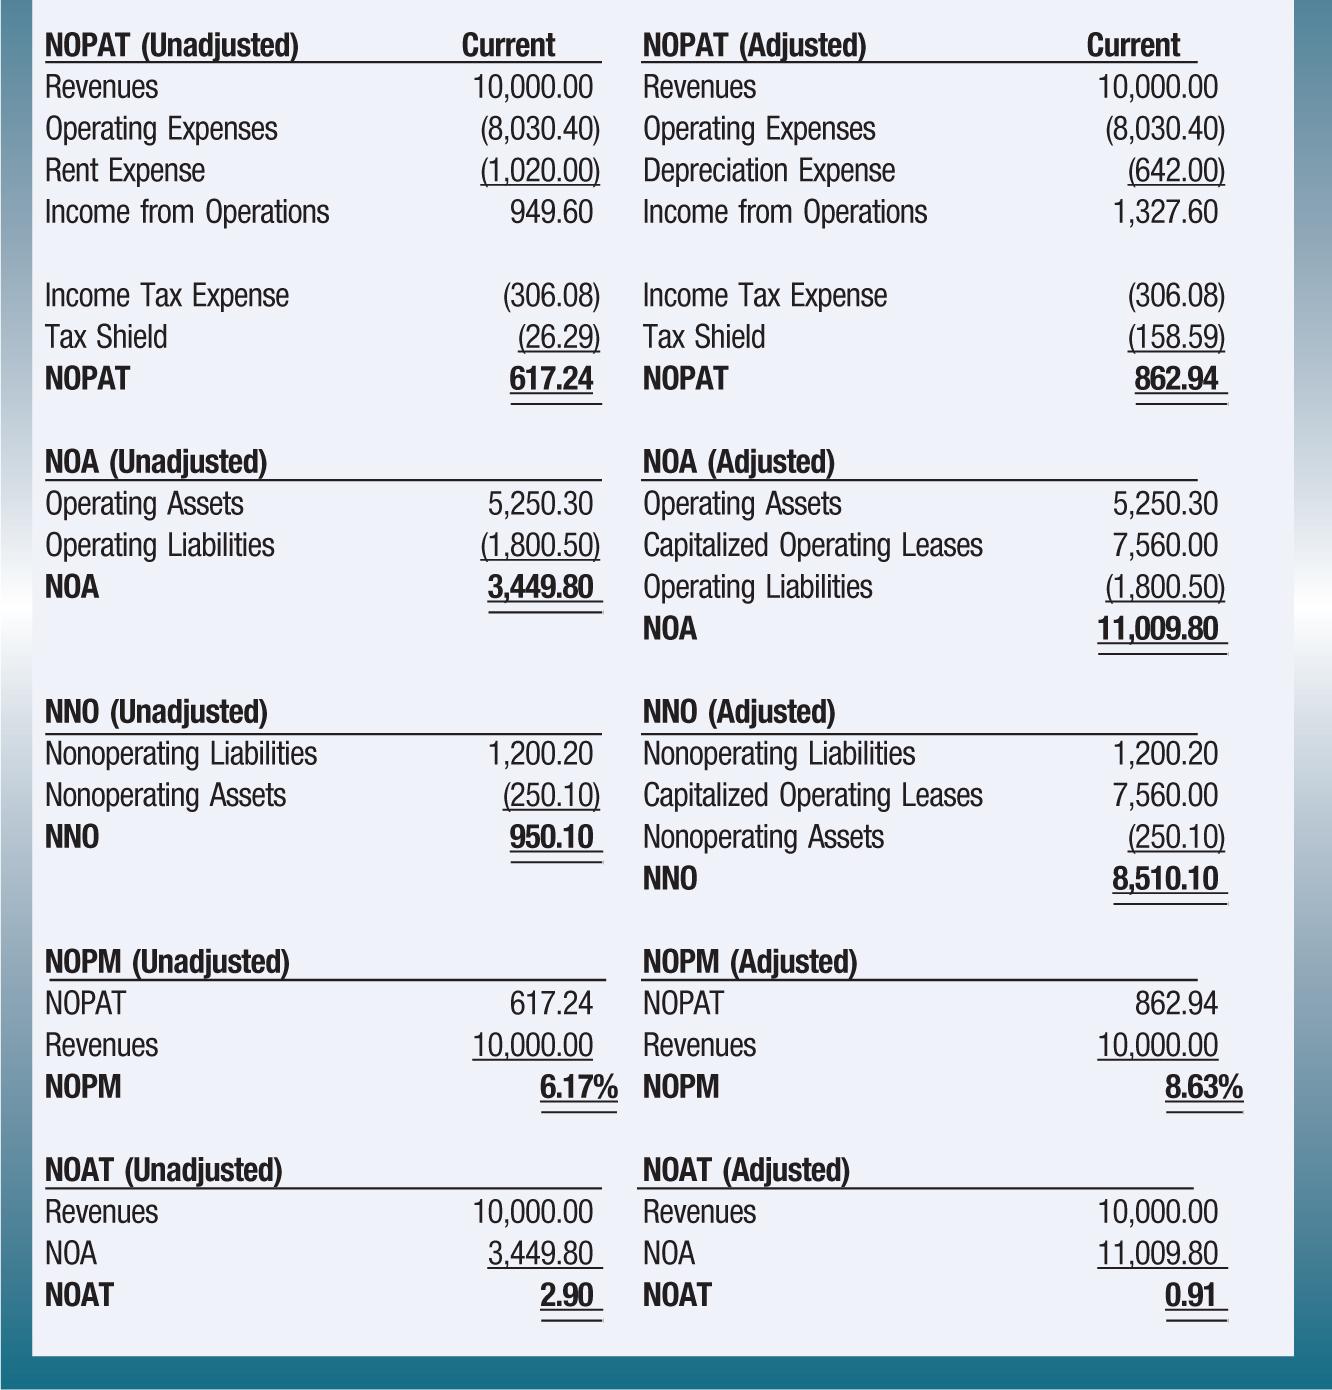 NOPAT (Unadjusted); Current; NOPAT (Adjusted); Current Revenues; 10,000.00; Revenues; 10,000.00 Operating Expenses; (8,030.40); Operating Expenses; (8,030.40) Rent Expense; (1,020.00); Depreciation Expense; (642.00) Income from Operations; 949.60; Income from Operations; 1,327.60 Income Tax Expense; (306.08); Income Tax Expense; (306.08) Tax Shield; (26.29); Tax Shield; (158.59) NOPAT; 617.24; NOPAT; 862.94 NOA (Unadjusted); NOA (Adjusted) Operating Assets; 5,250.30; Operating Assets; 5,250.30 Operating Liabilities; (1,800.50); Capitalized Operating Leases; 7,560.00 NOA; 3,449.80 Operating Liabilities; (1,800.50) NOA; 11,009.80 NNO (Unadjusted); NNO (Adjusted) Nonoperating Liabilities; 1,200.20; Nonoperating Liabilities; 1,200.20 Nonoperating Assets; (250.10); Capitalized Operating Leases; 7,560.00 NNO; 950.10; Nonoperating Assets; (250.10) NNO; 8,510.10 NOPM (Unadjusted); NOPM (Adjusted) NOPAT; 617.24; NOPAT; 862.94 Revenues; 10,000.00; Revenues; 10,000.00 NOPM; 6.17%; NOPM; 8.63% NOAT (Unadjusted); NOAT (Adjusted) Revenues; 10,000.00; Revenues; 10,000.00 NOA; 3,449.80; NOA; 11,009.80 NOAT; 2.90; NOAT; 0.91